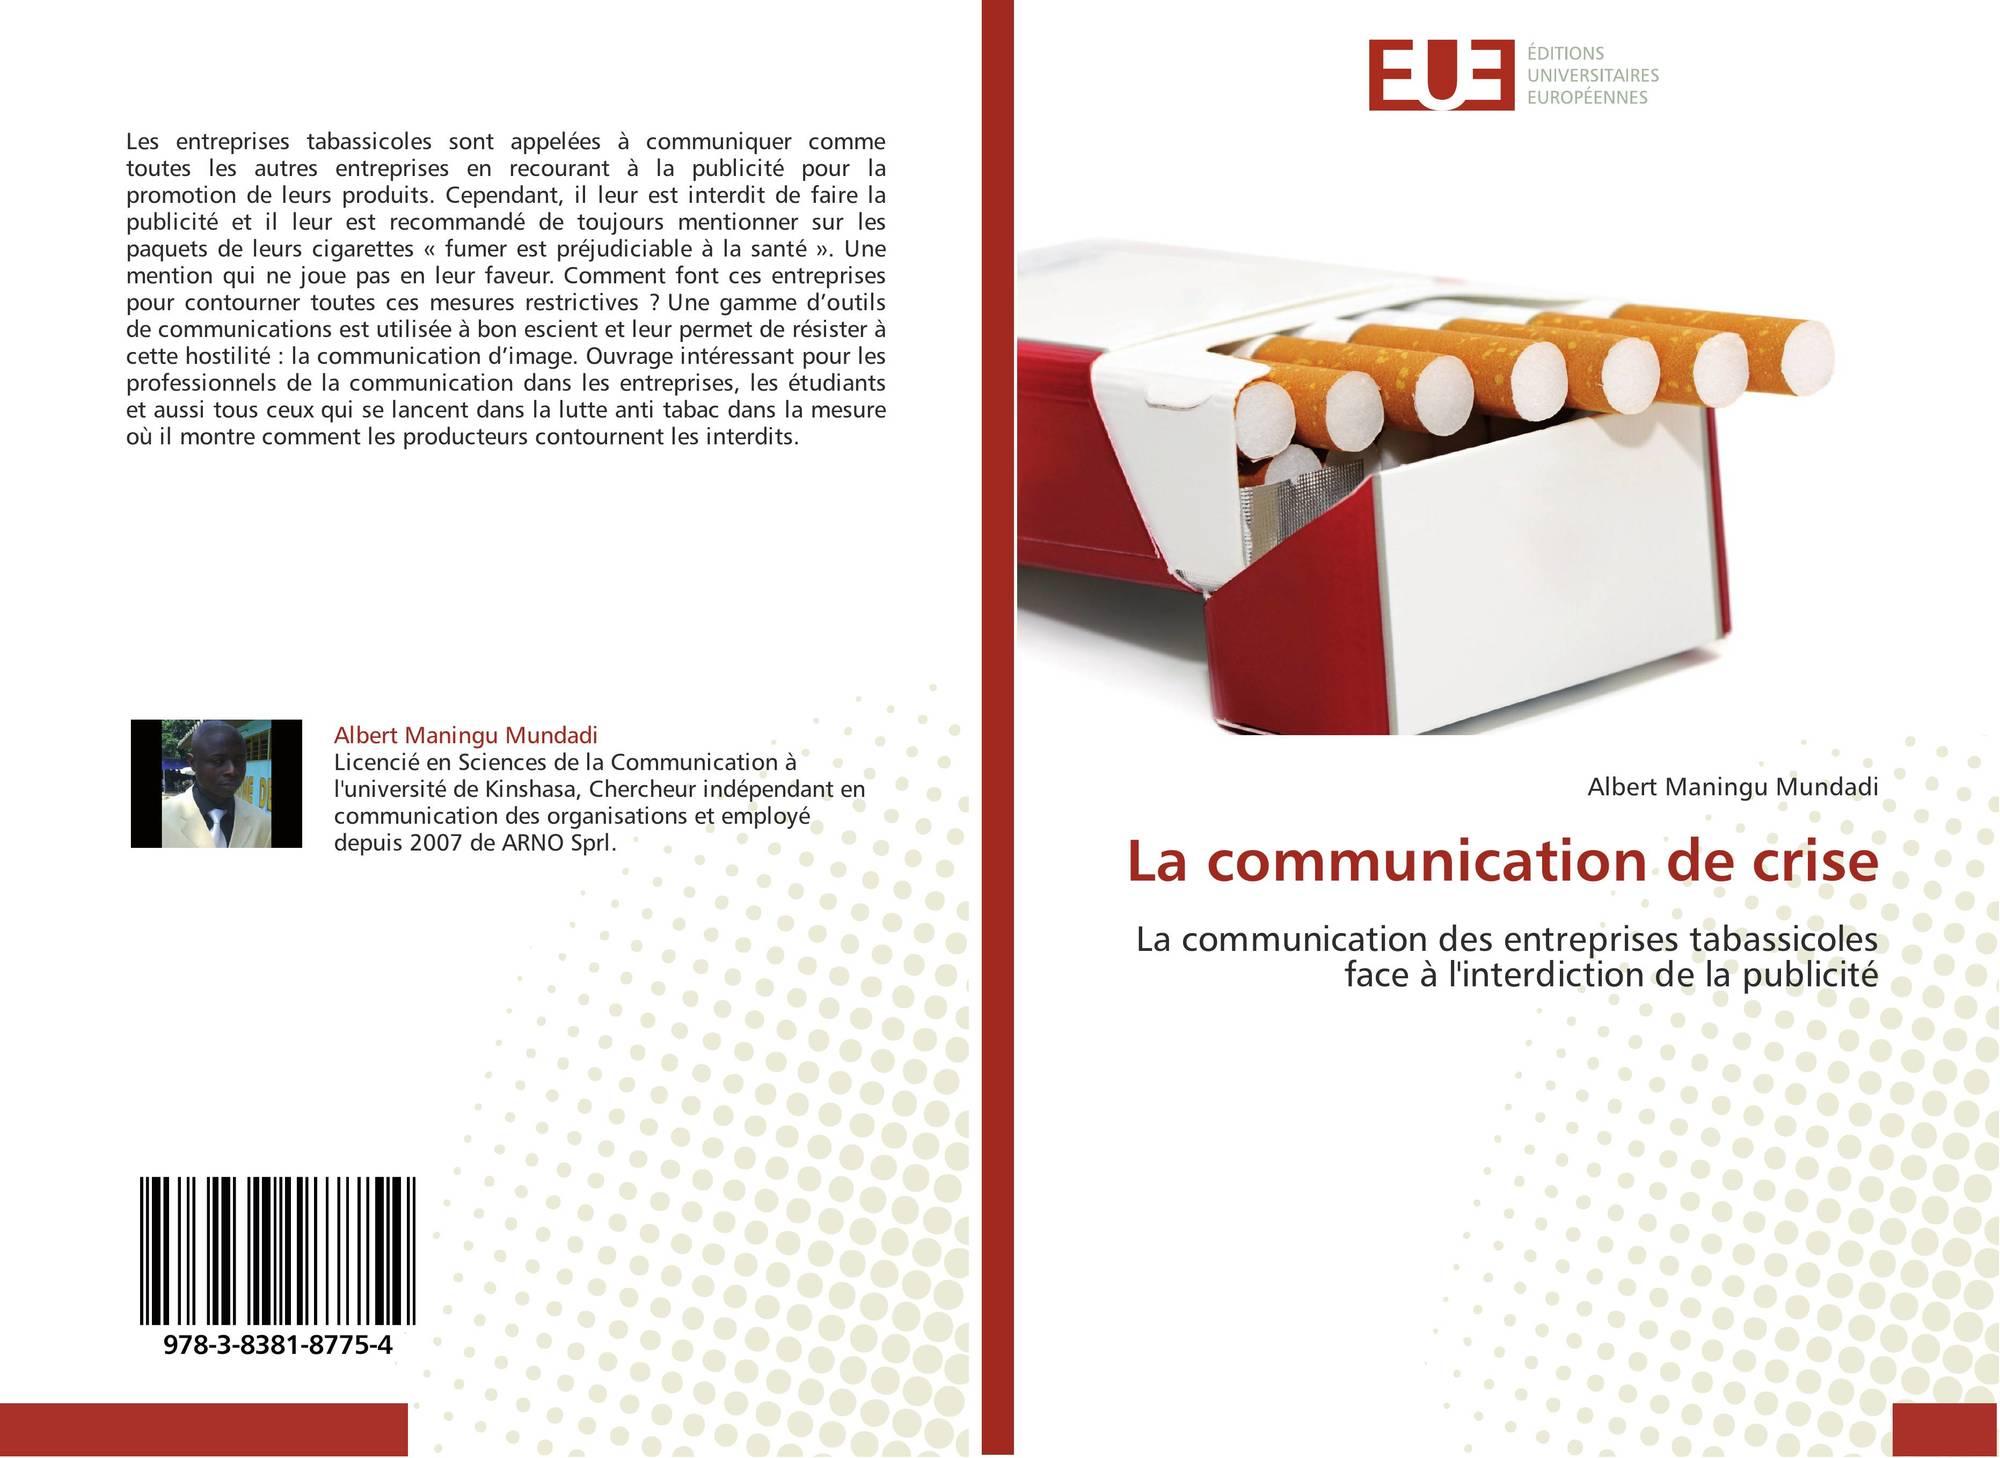 technologies de linformation et de la communication - HD2000×1459